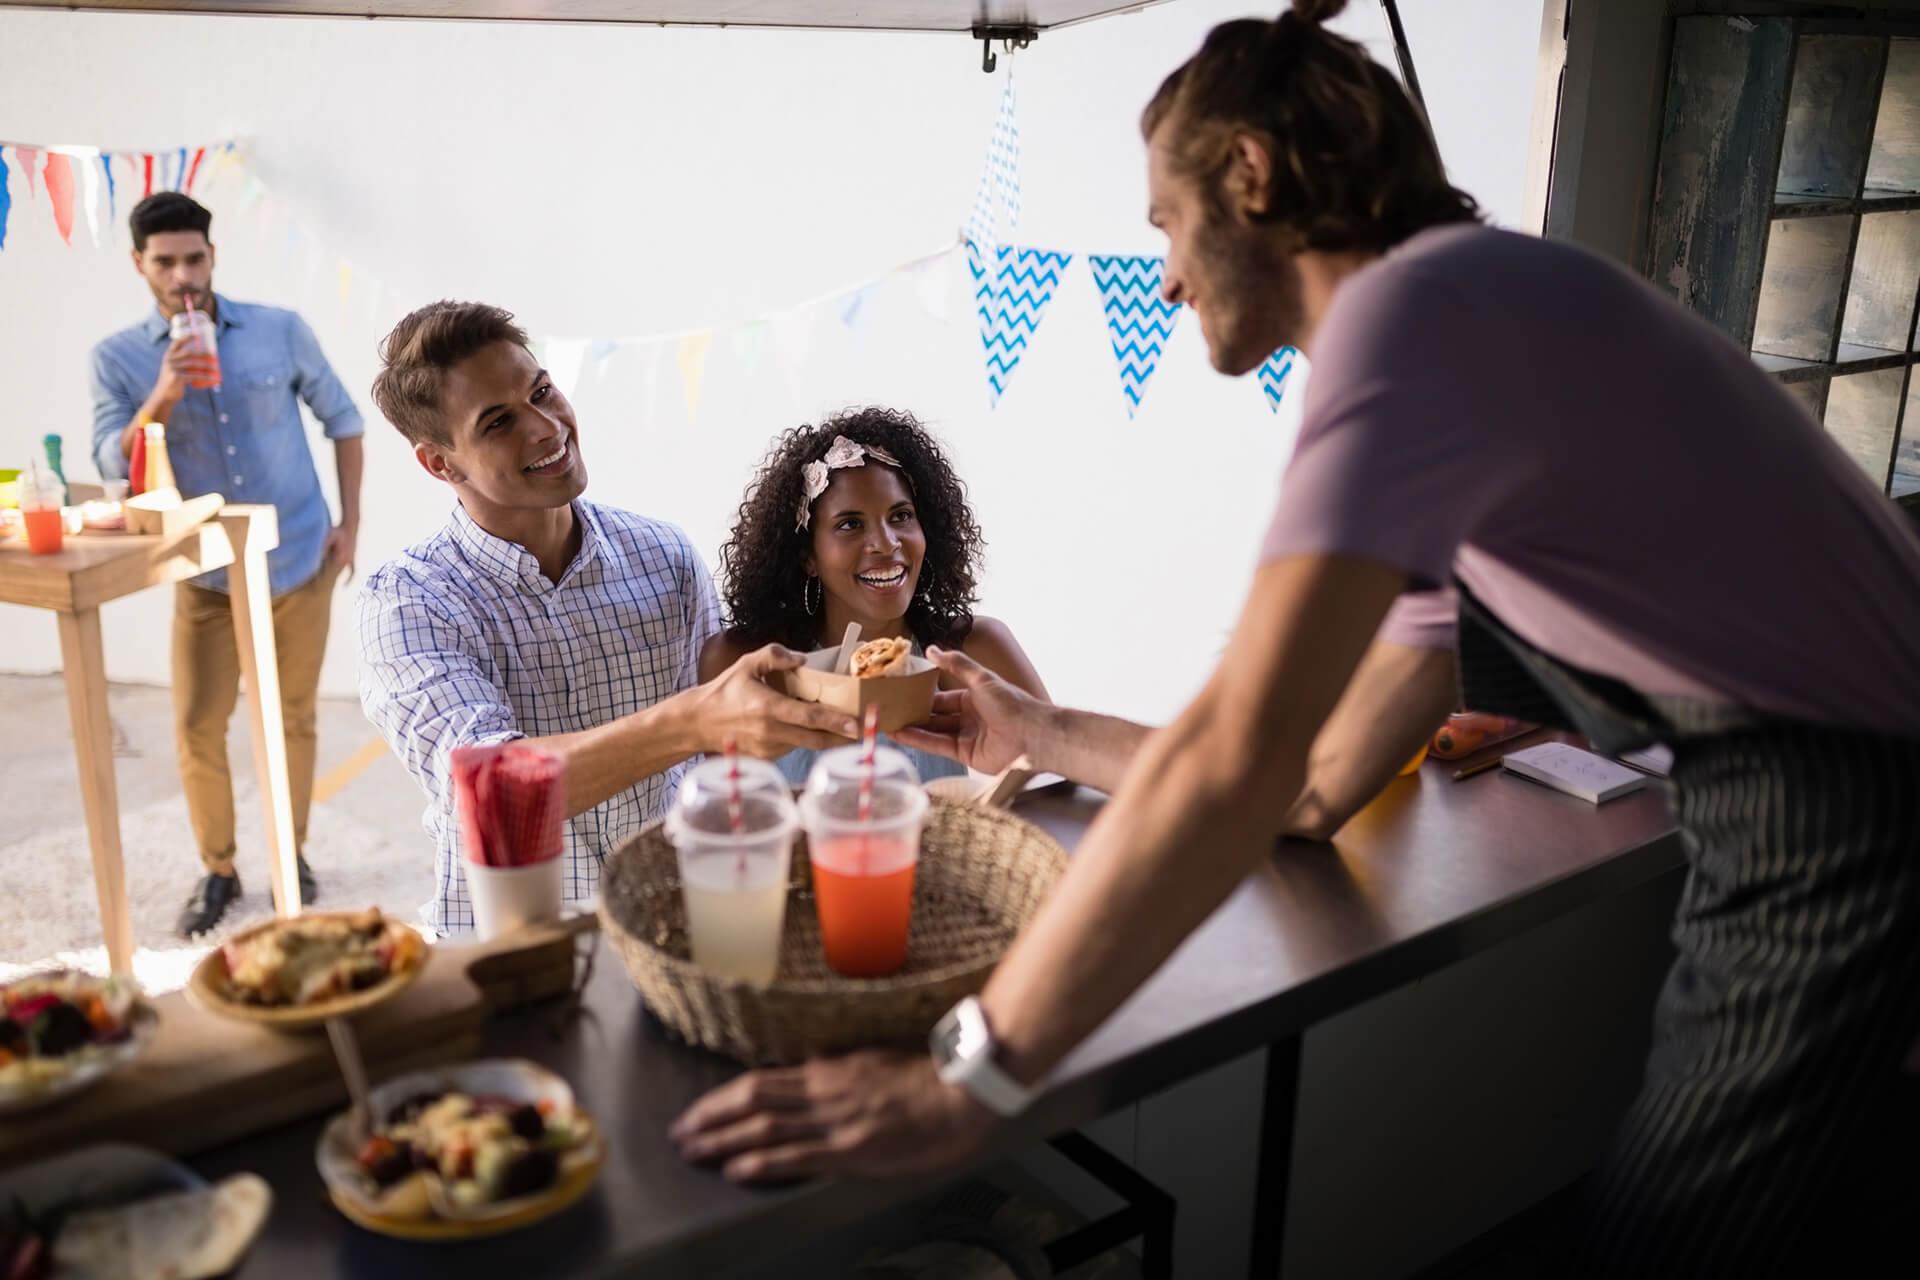 Food trucks: você já pensou em investir nesse modelo de negócio?